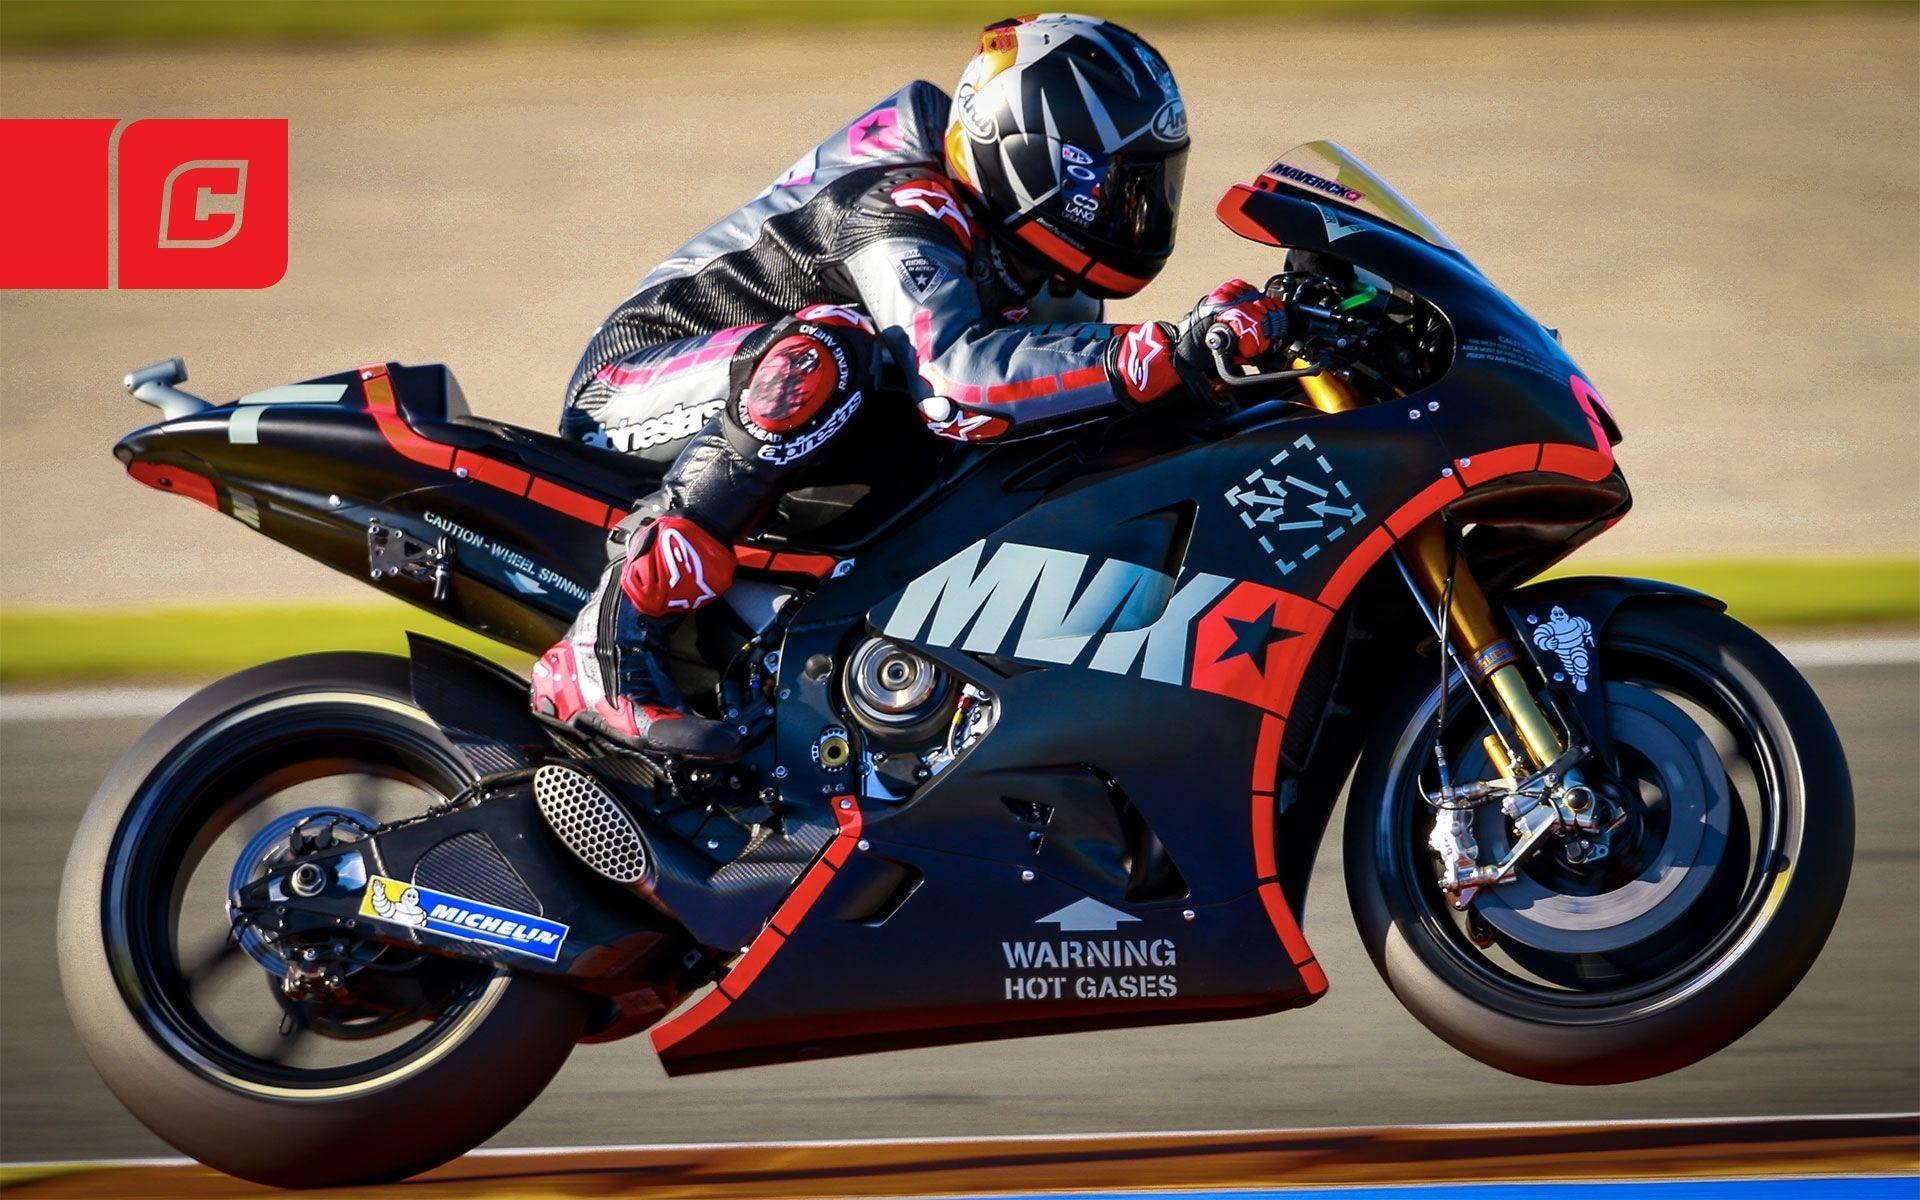 Maverick Vinales Yamaha Wallpaper Motogp Racing Bikes Yamaha Motogp